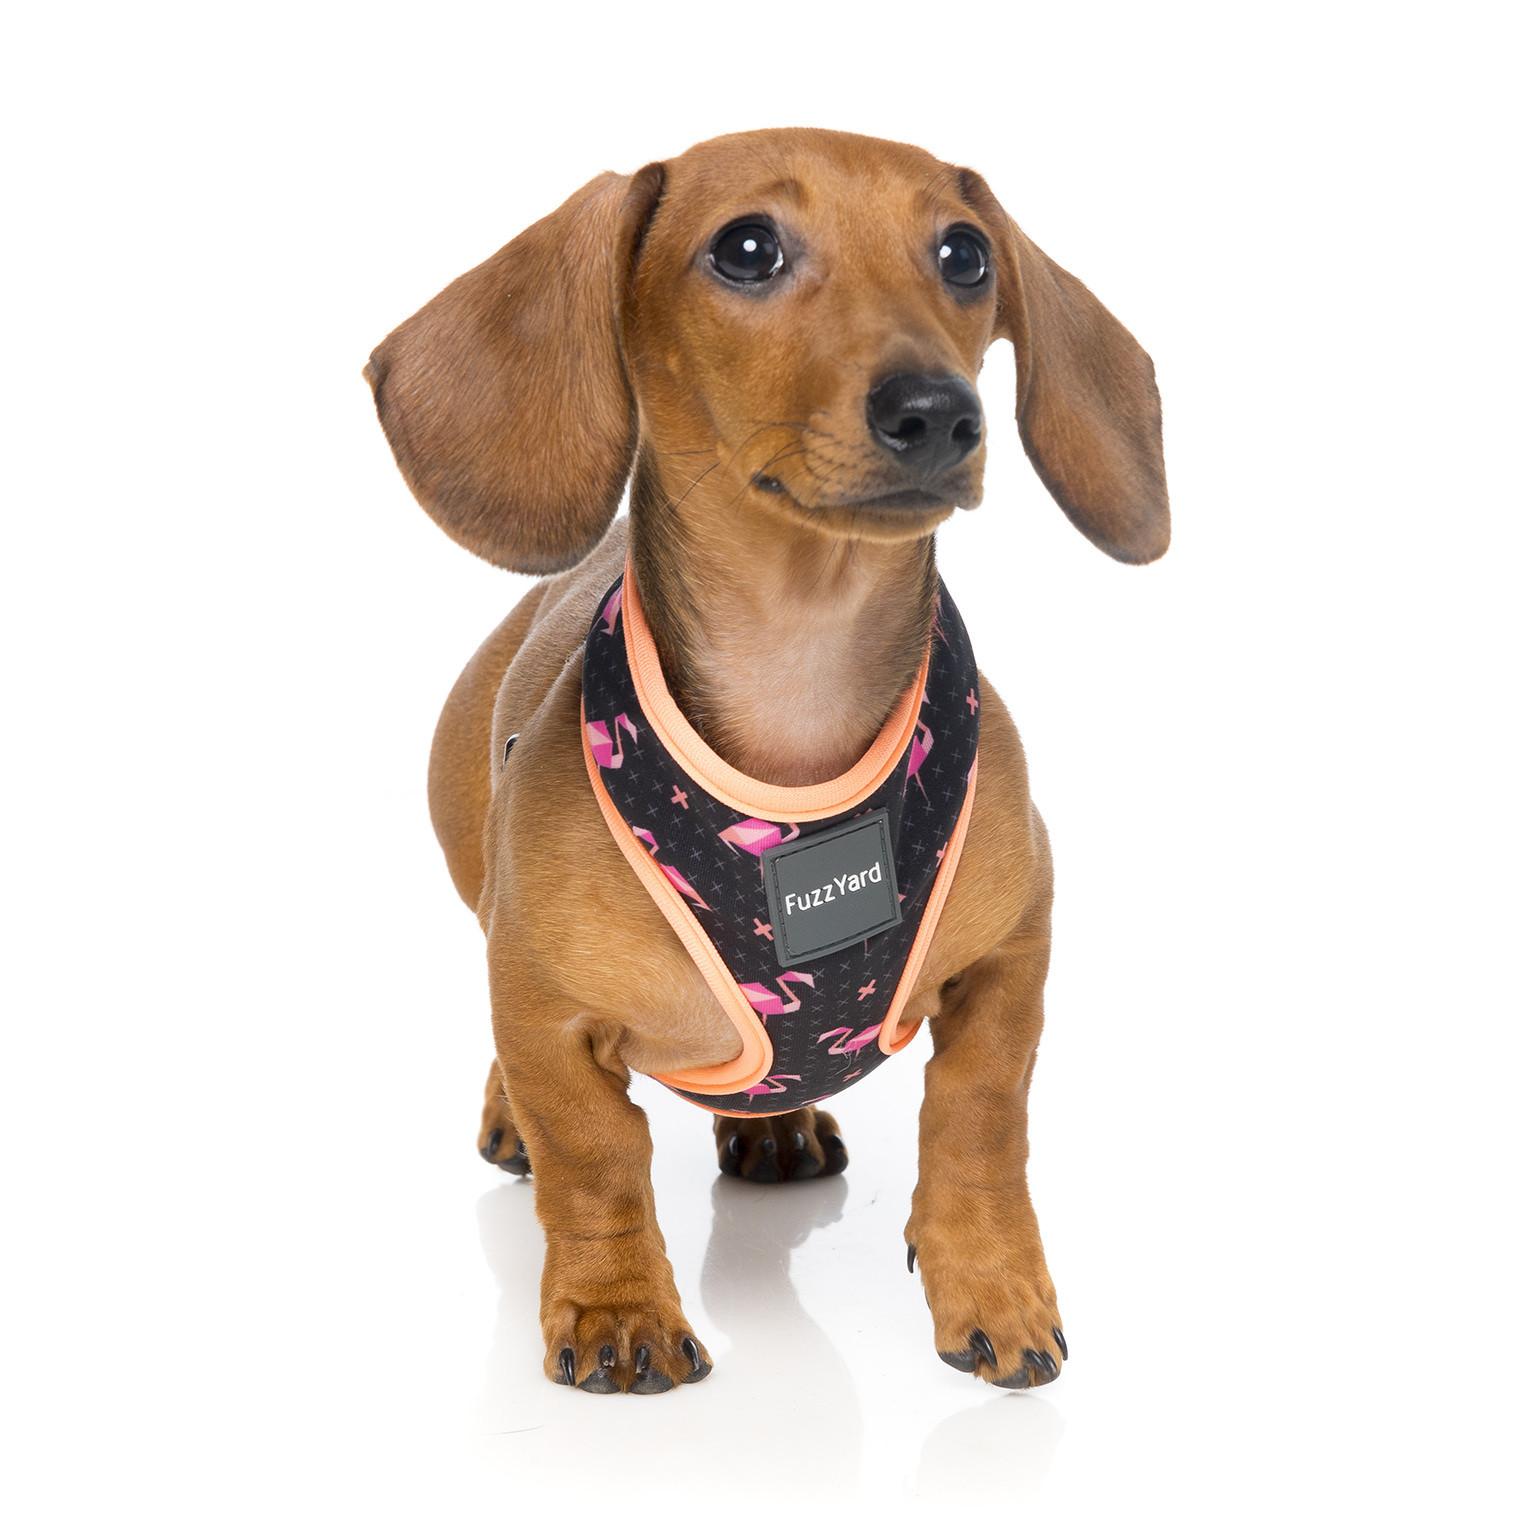 Fuzzyard Fabmingo Dog Harness Medium